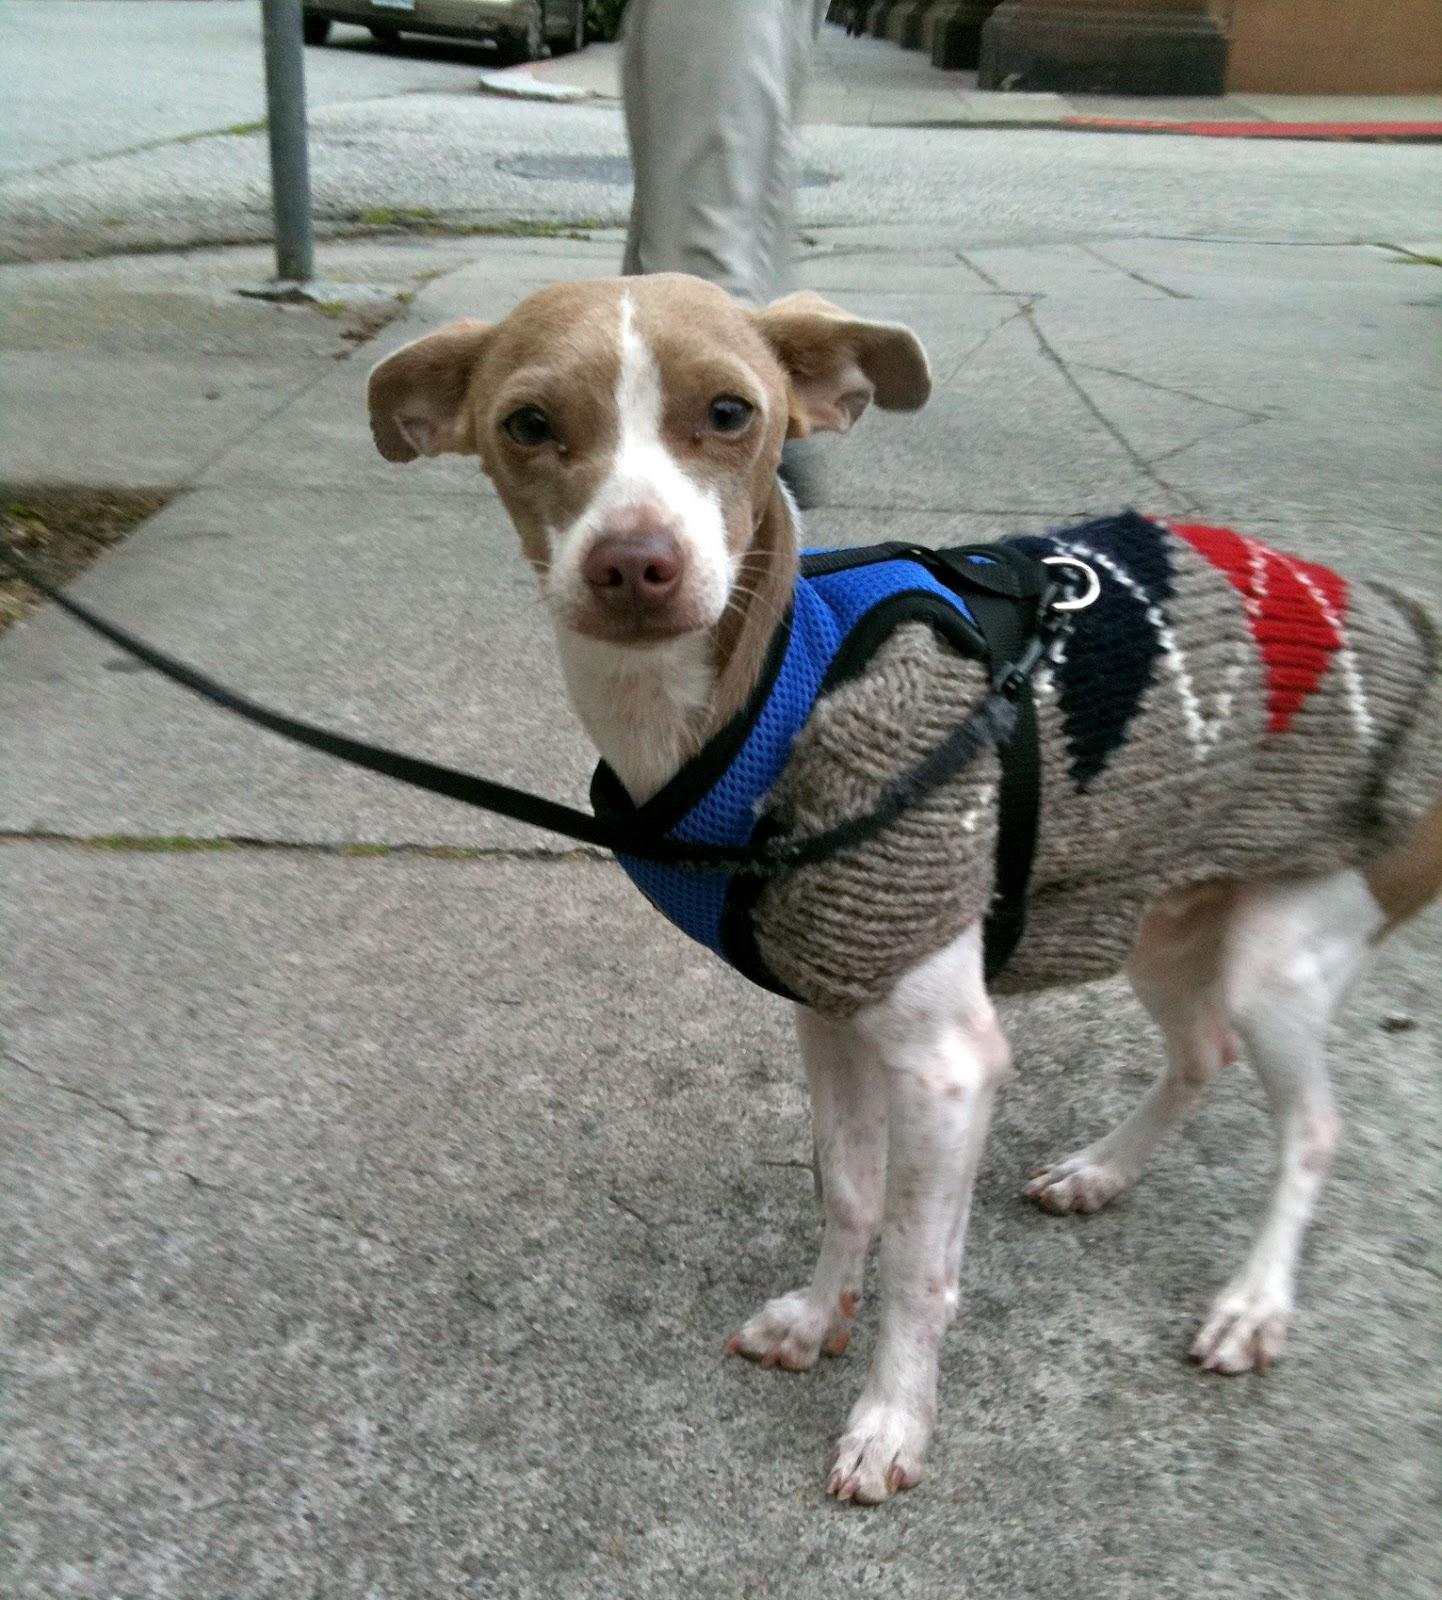 4Paws Outdoors Dog Blog: Doggy Body Language